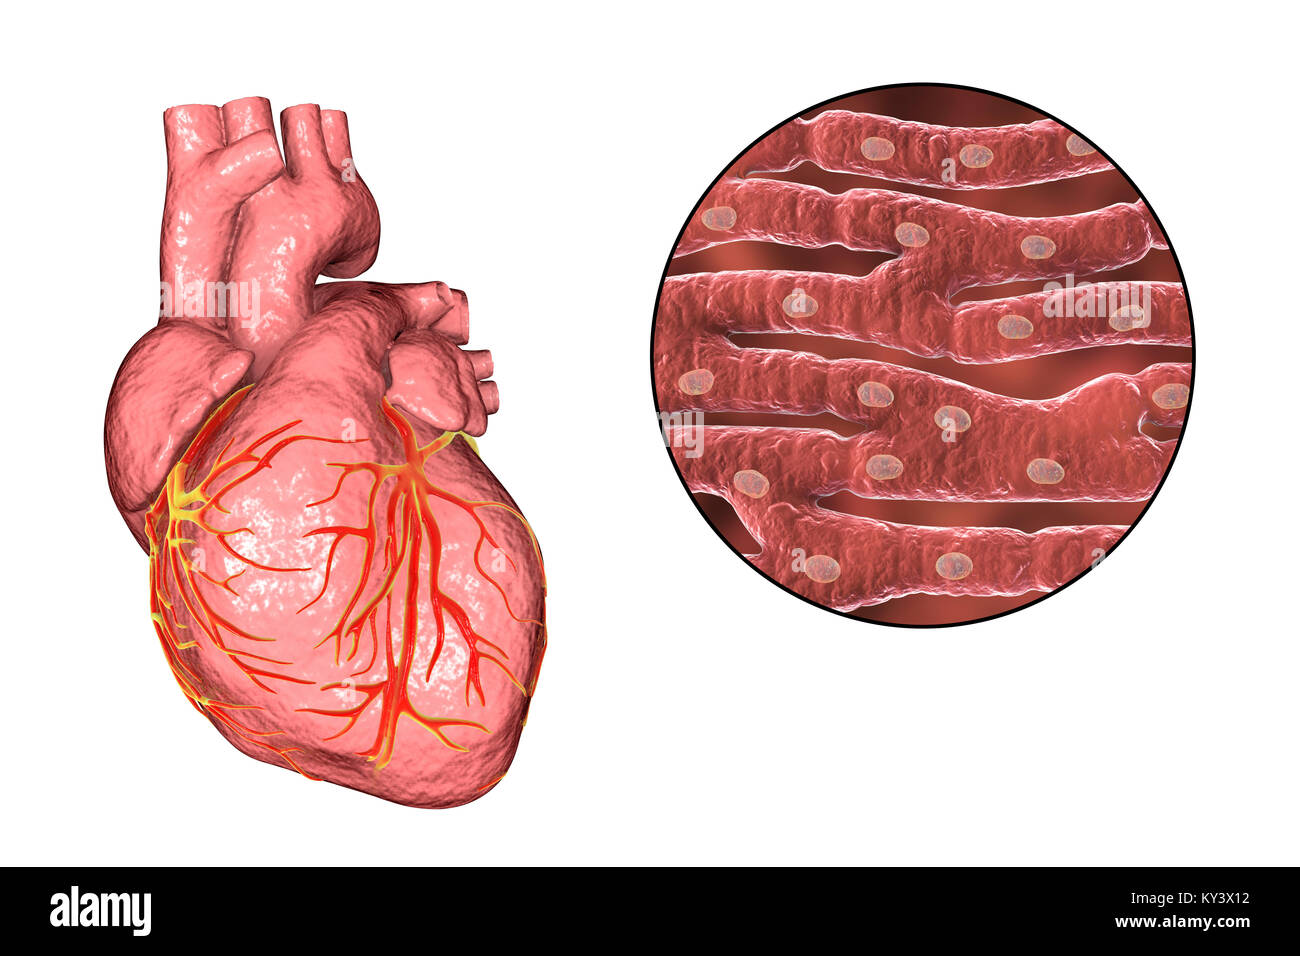 Cuore computer illustrazione il cuore una cava sac for Vasi coronarici